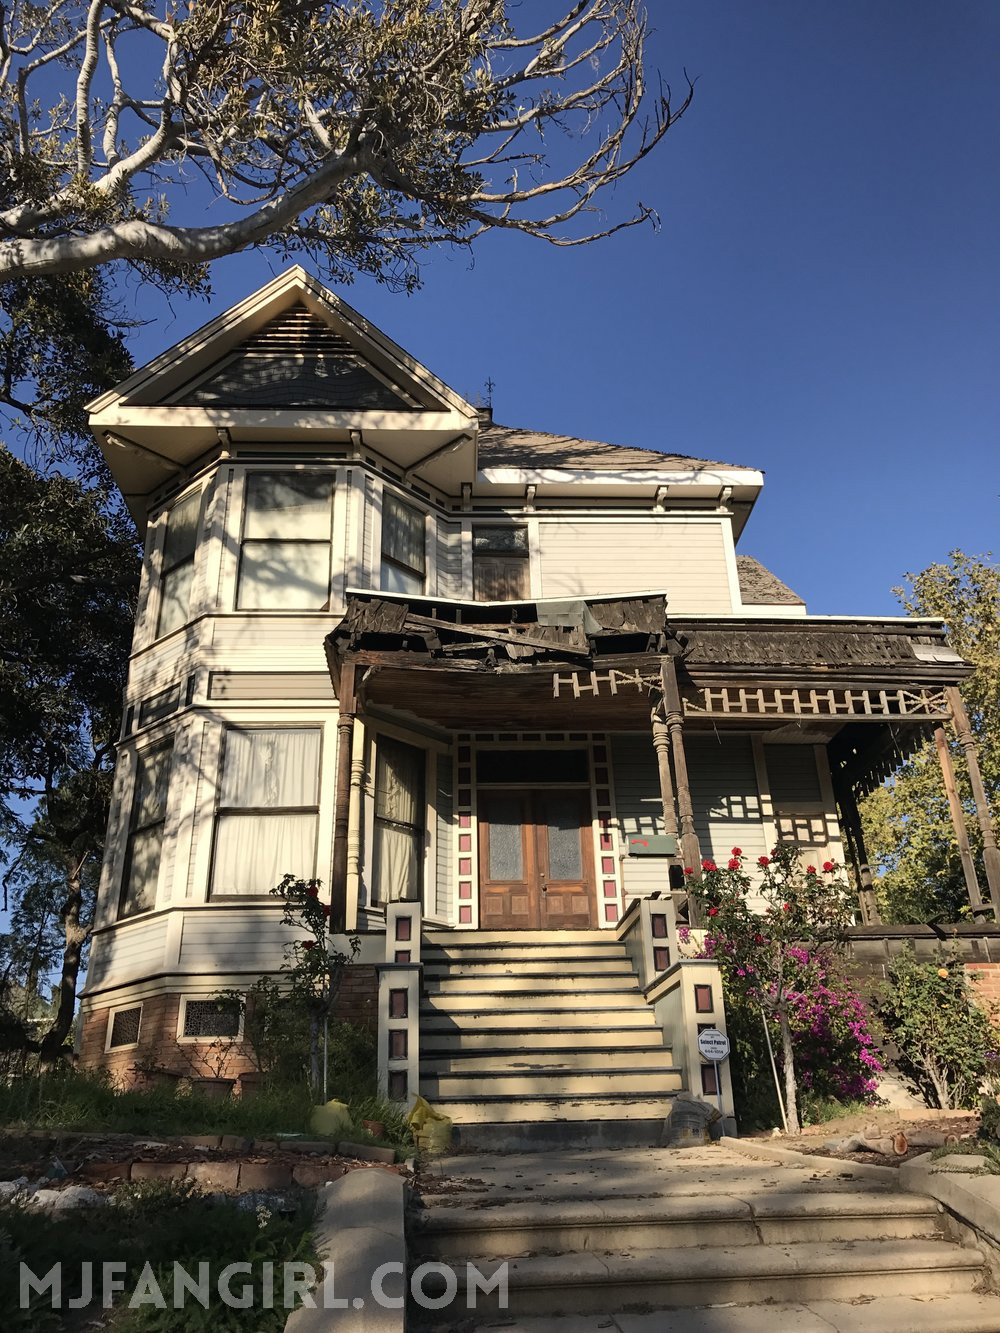 thriller house.jpg